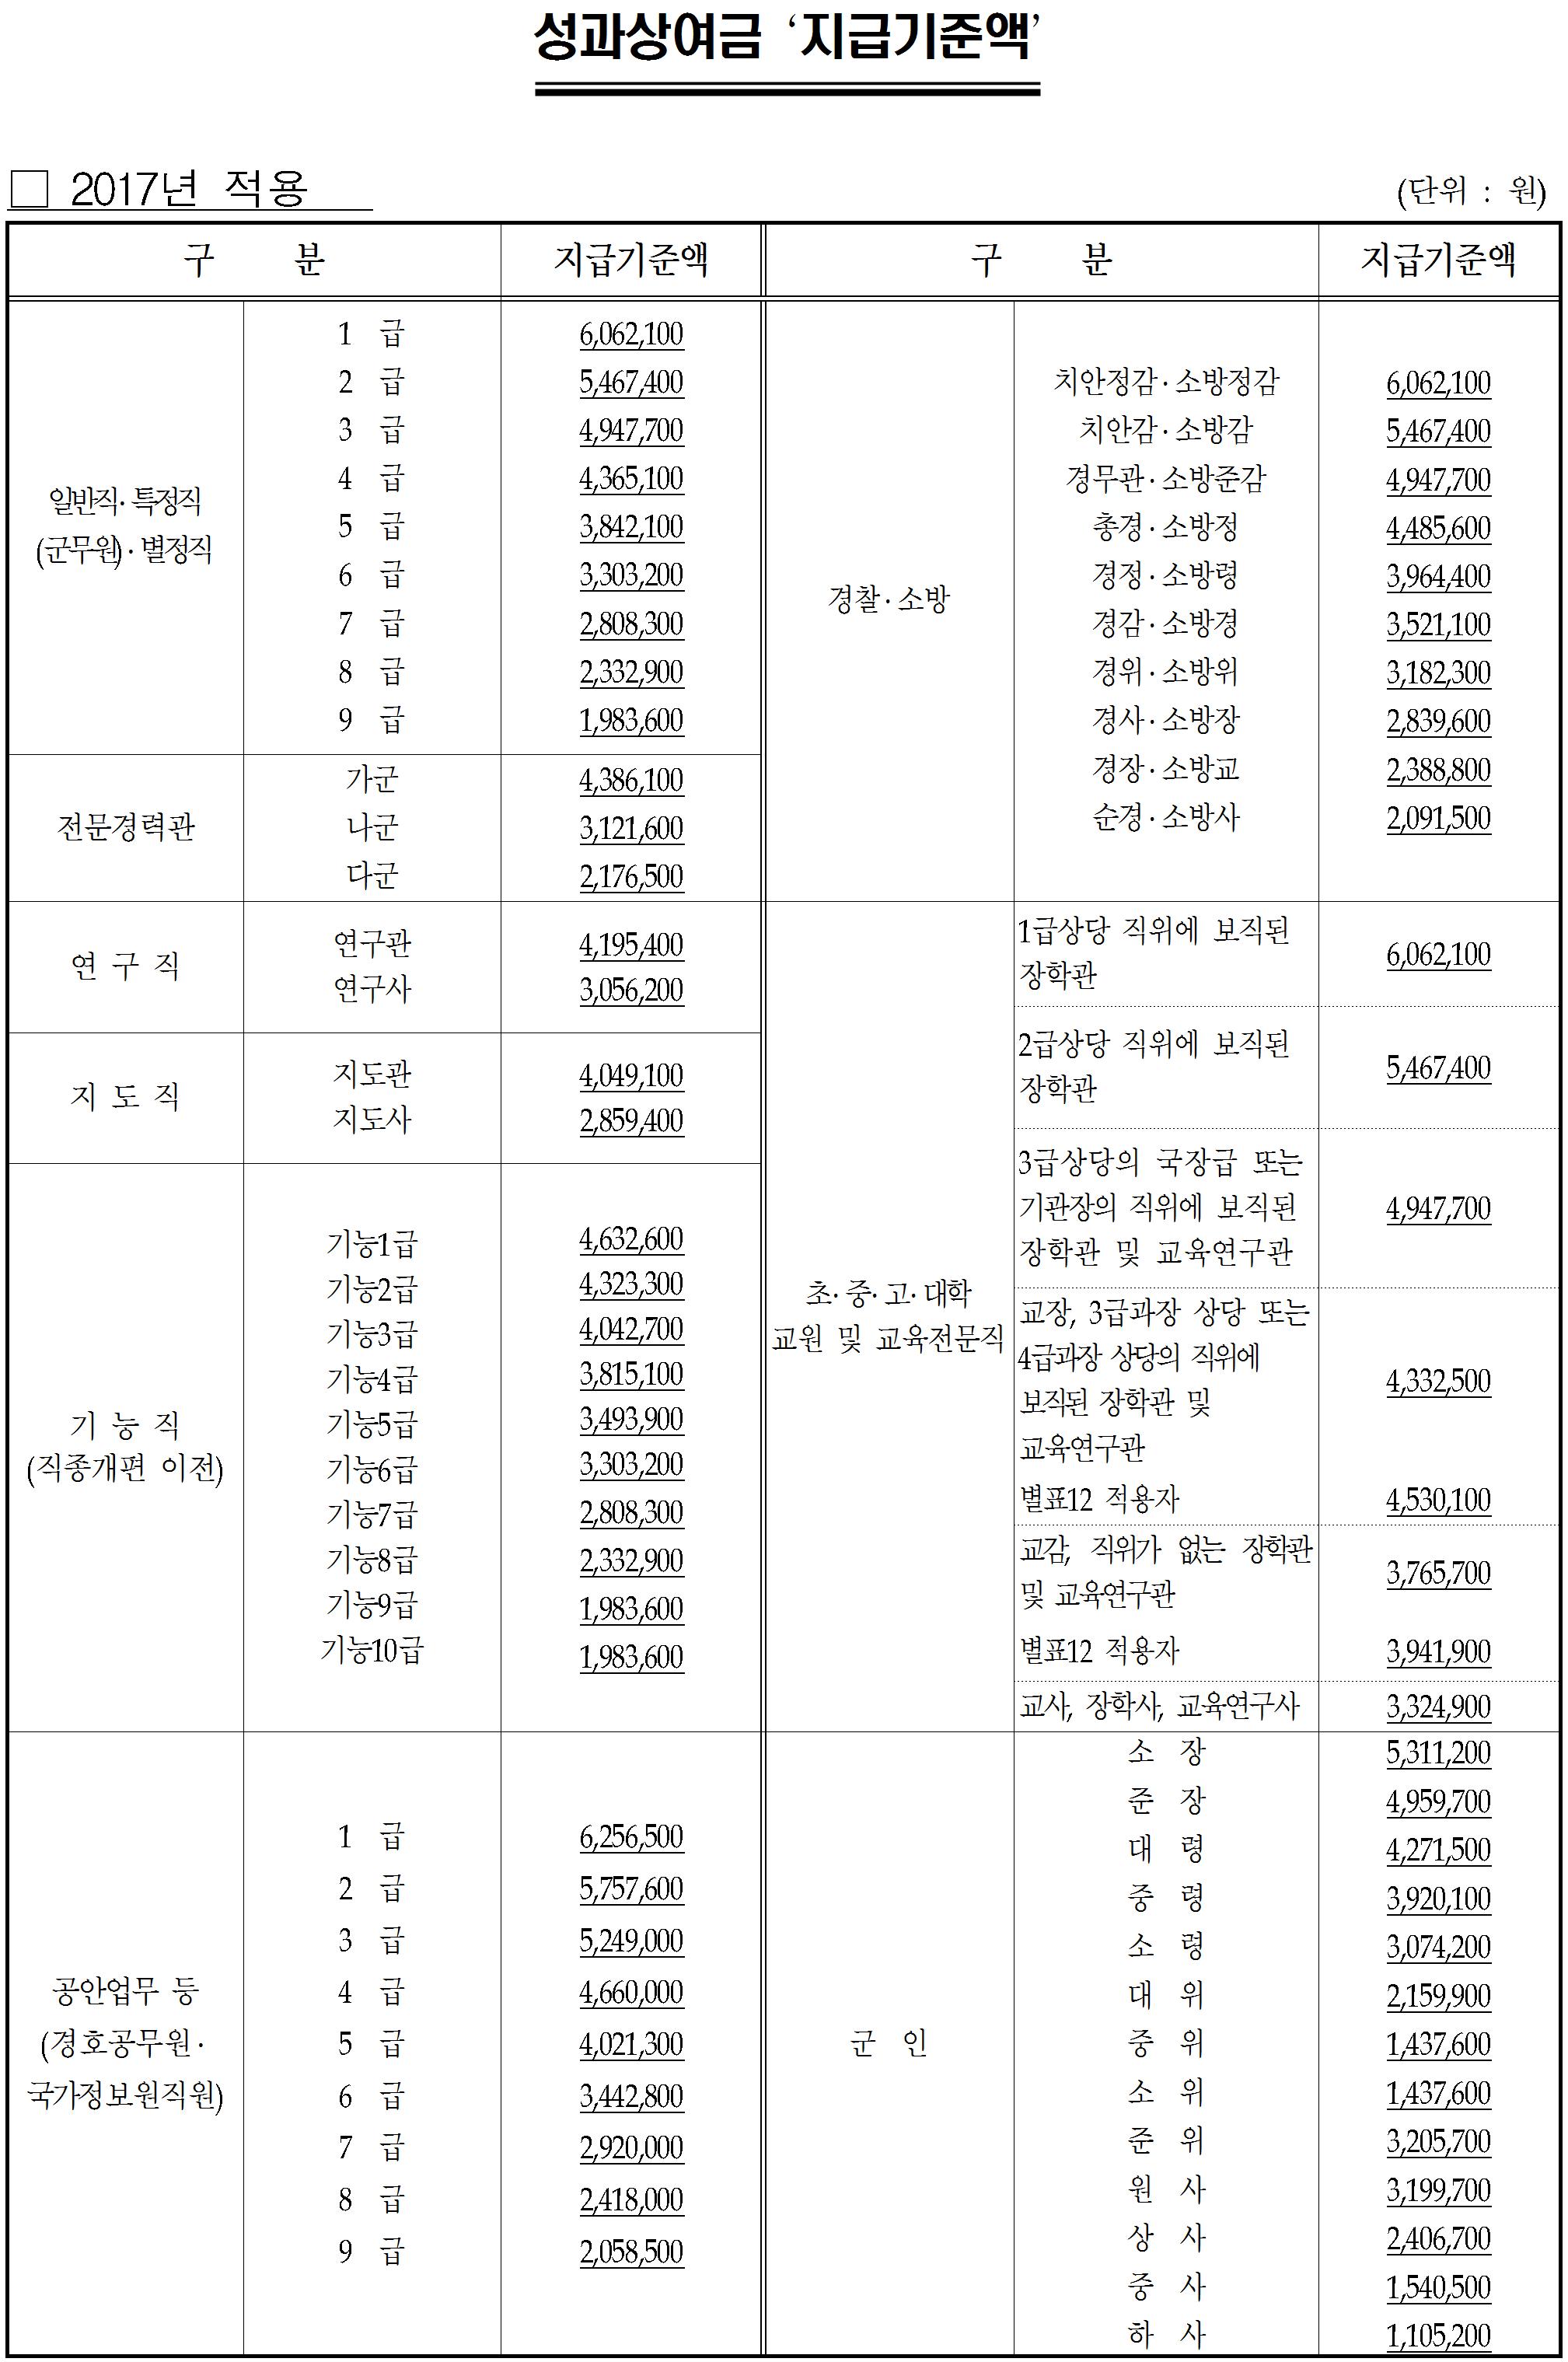 2017 성과상여금 지급기준액